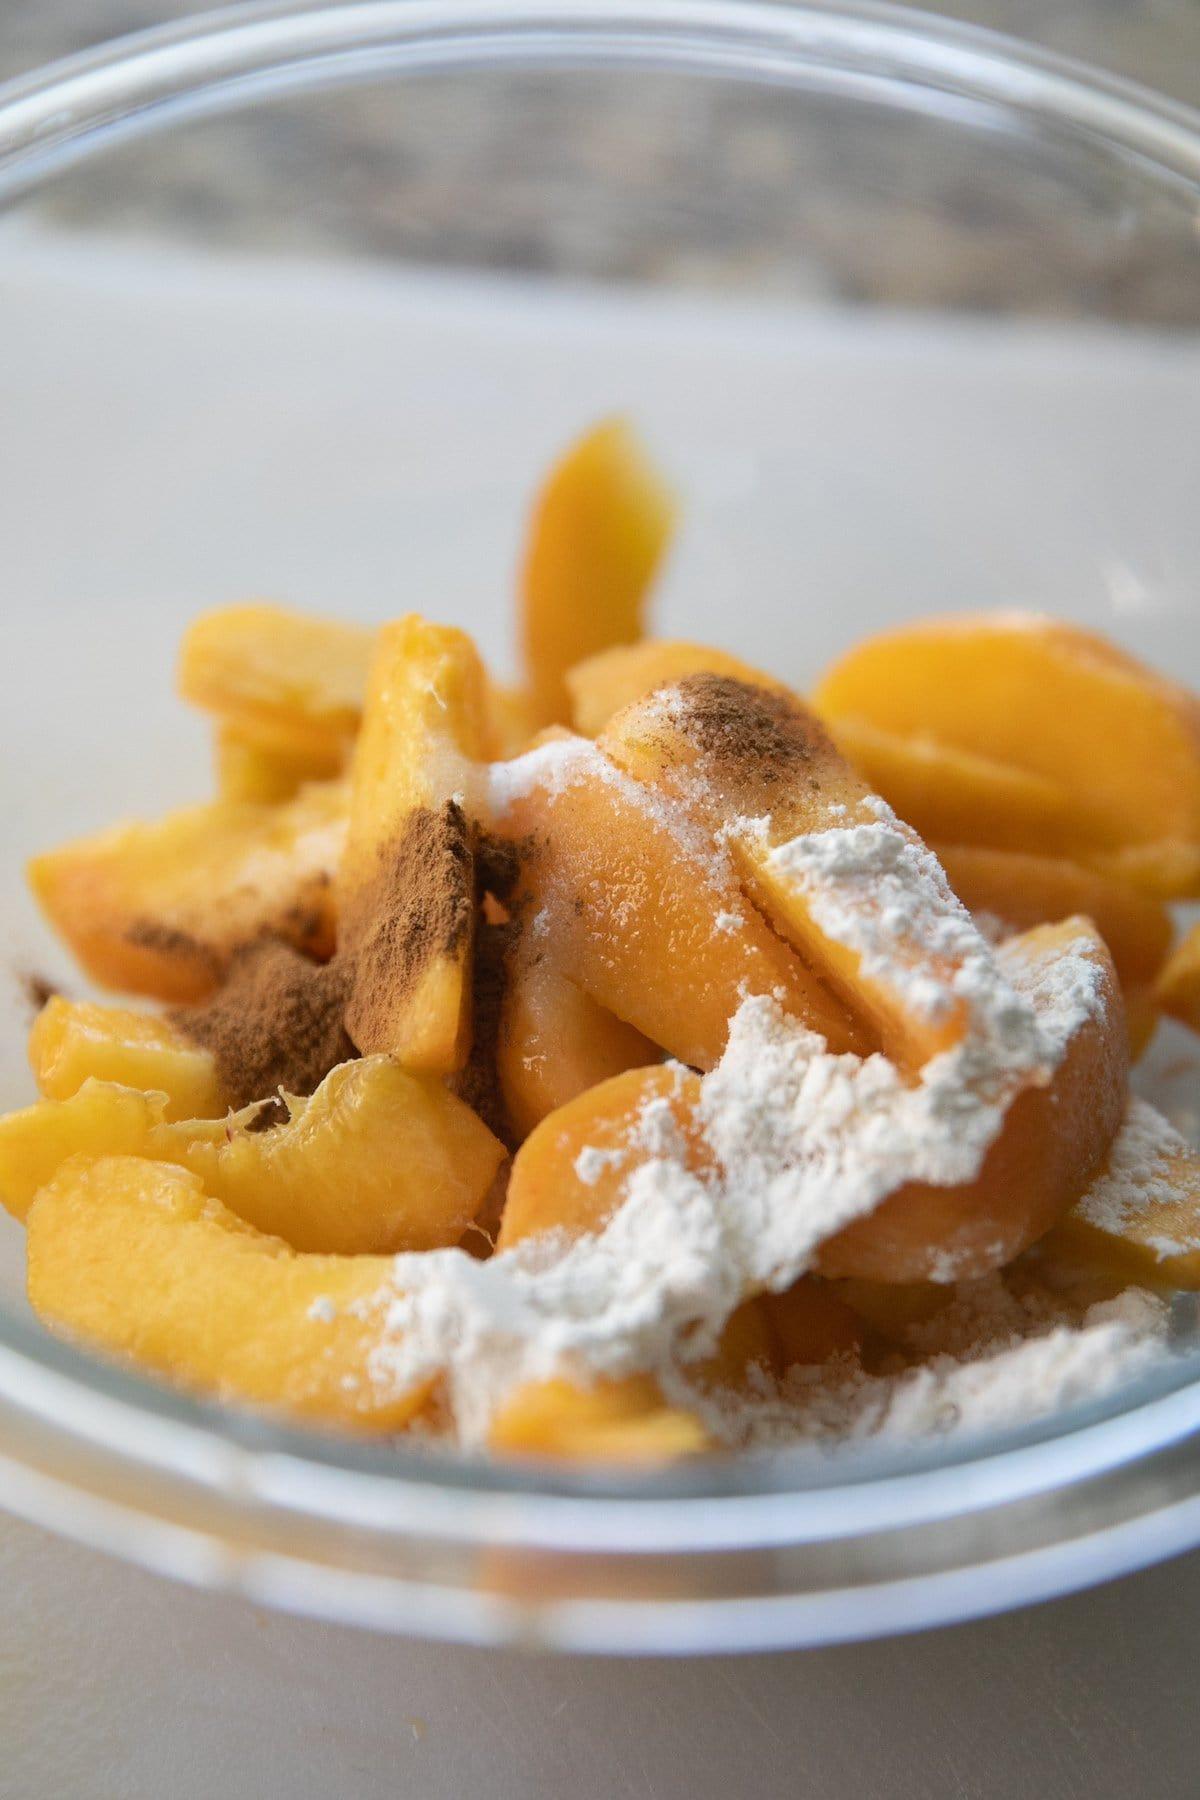 peach mixture in a bowl